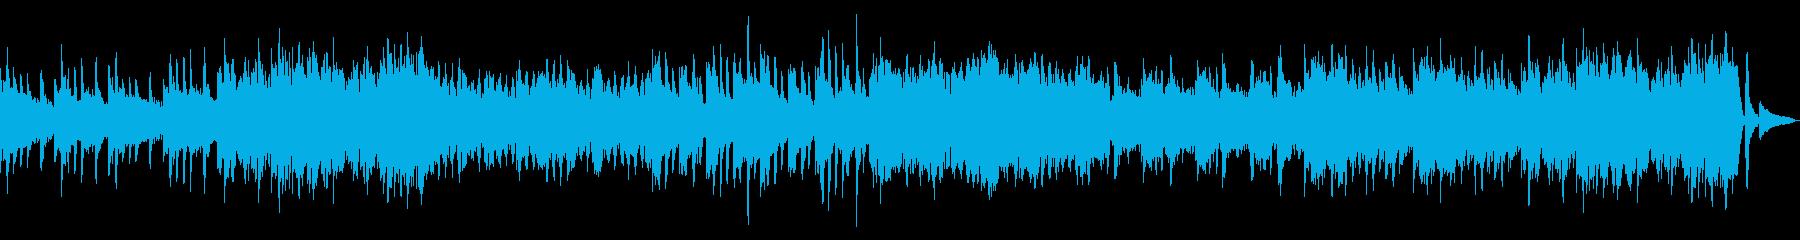 癒しのピアノ、ストリングスBGMの再生済みの波形